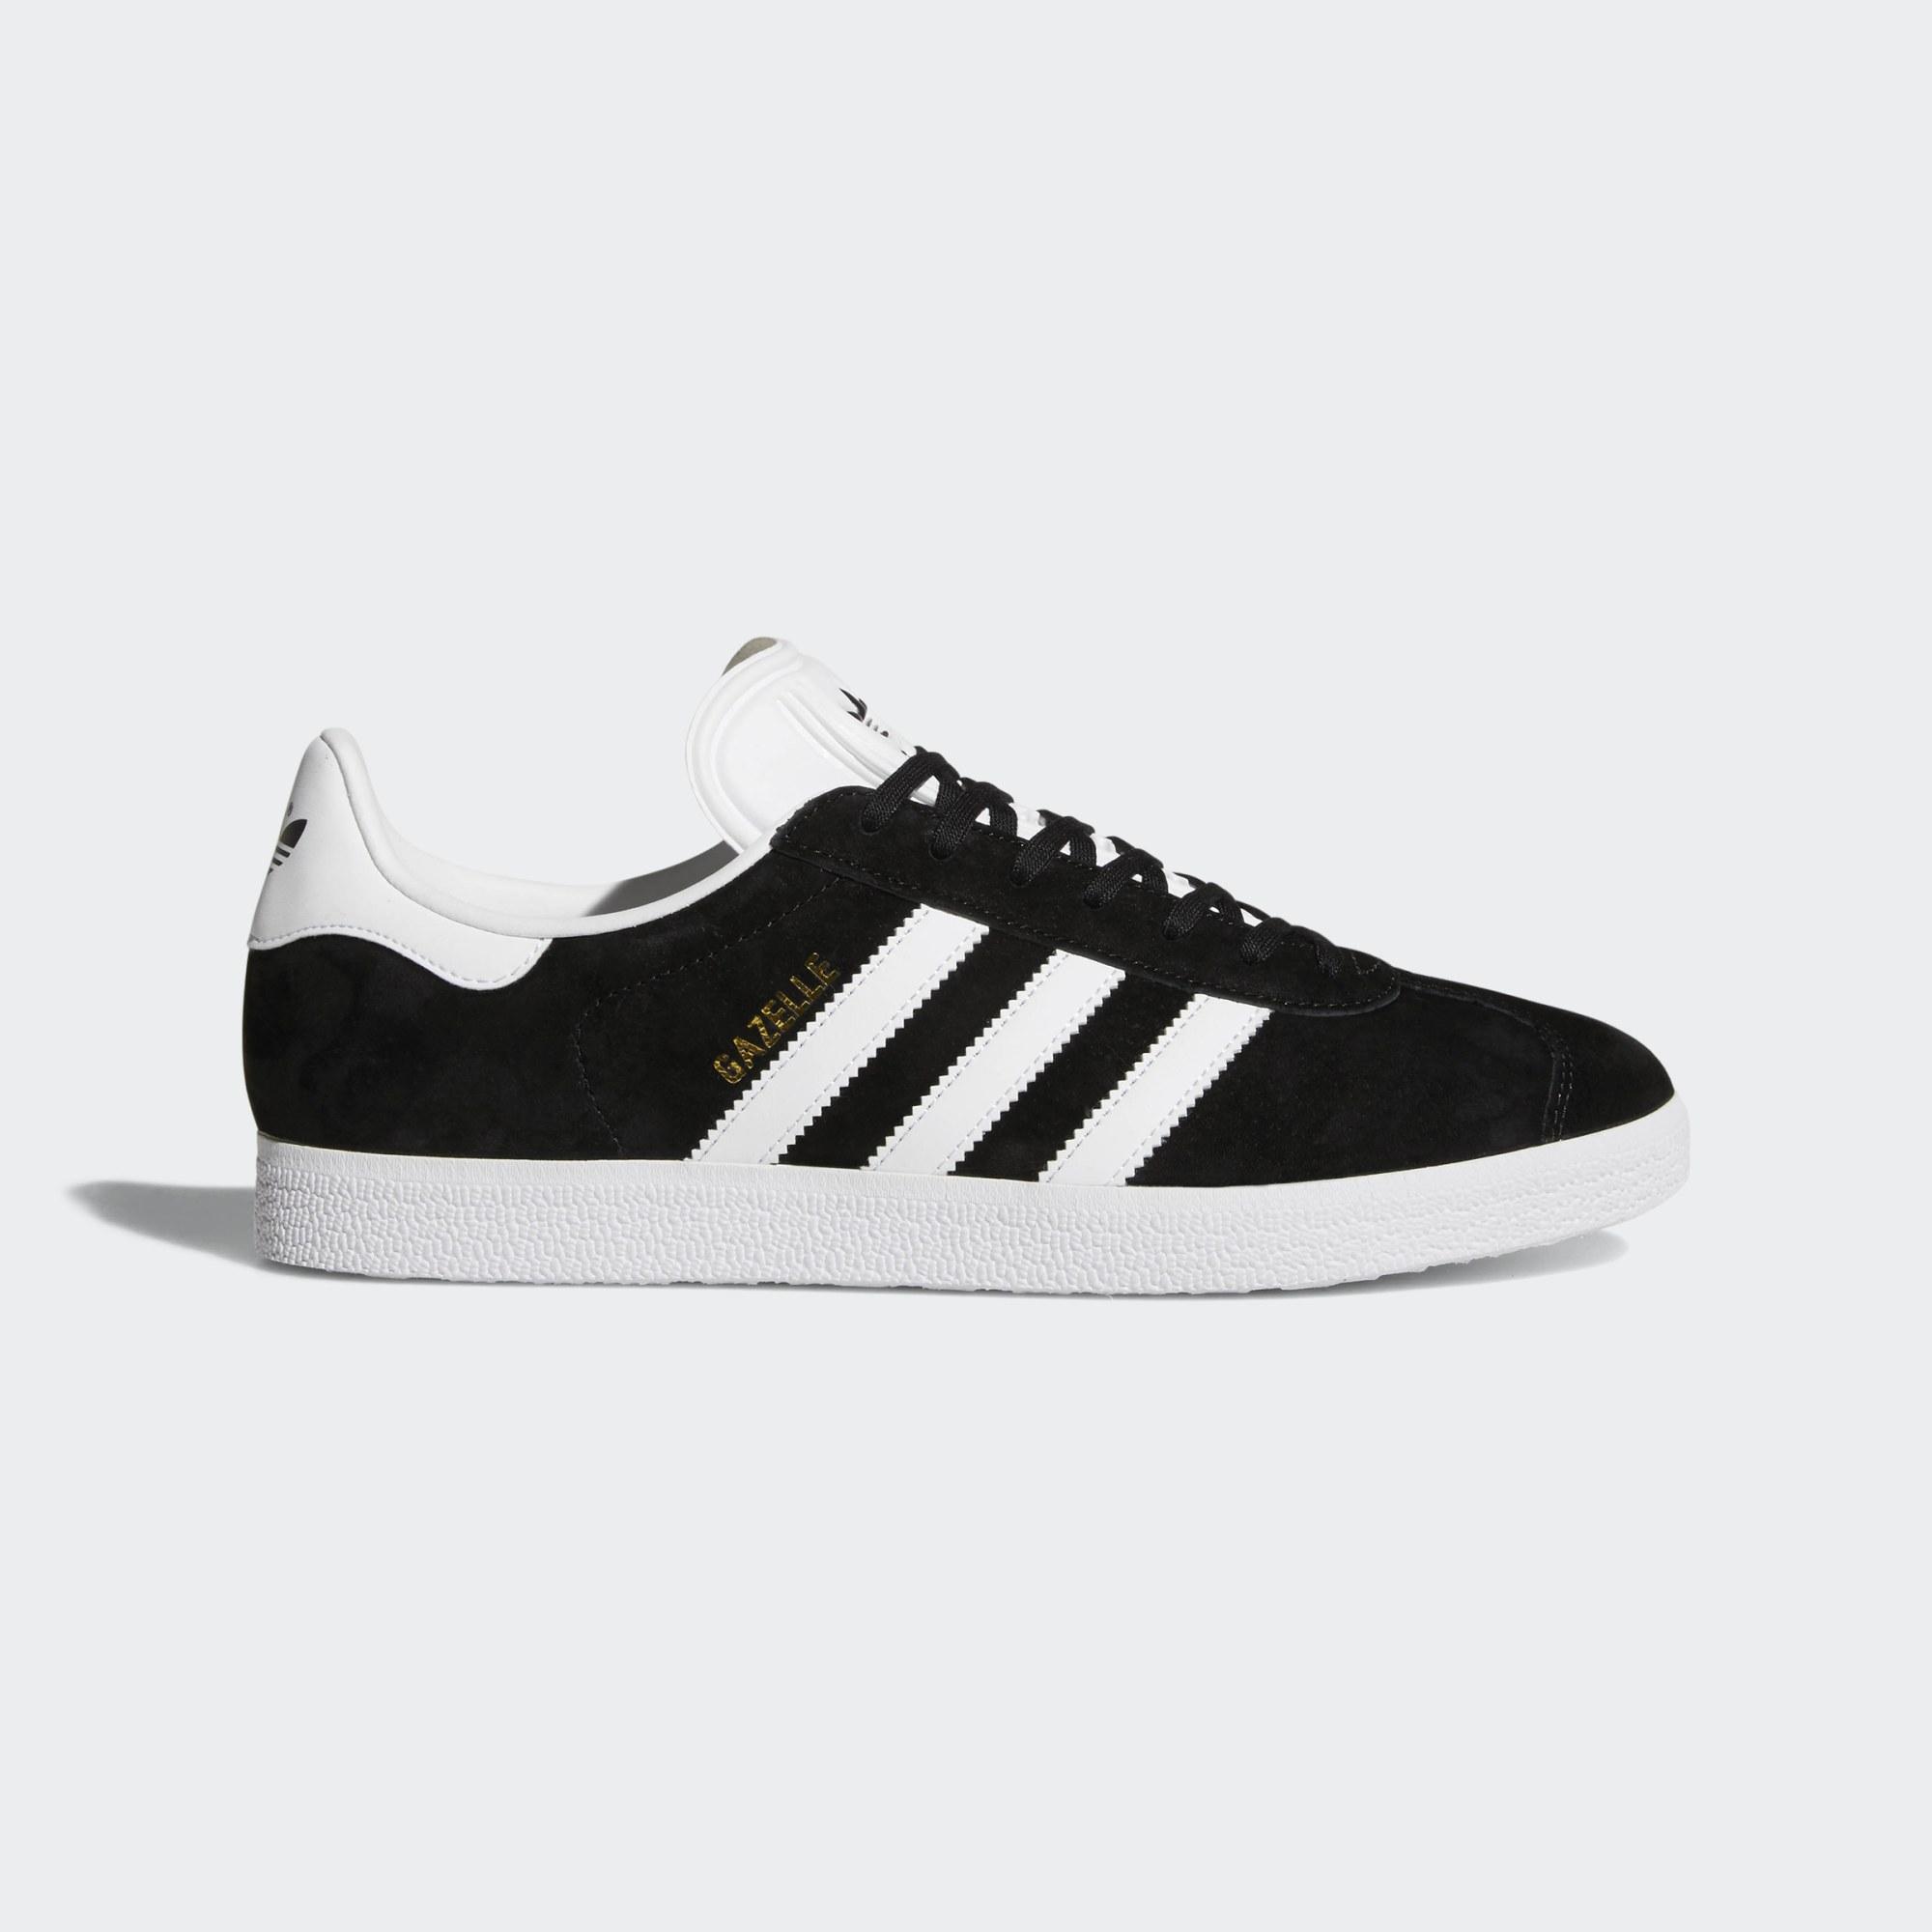 Clásicas zapatillas Gazelle en blanco y negro